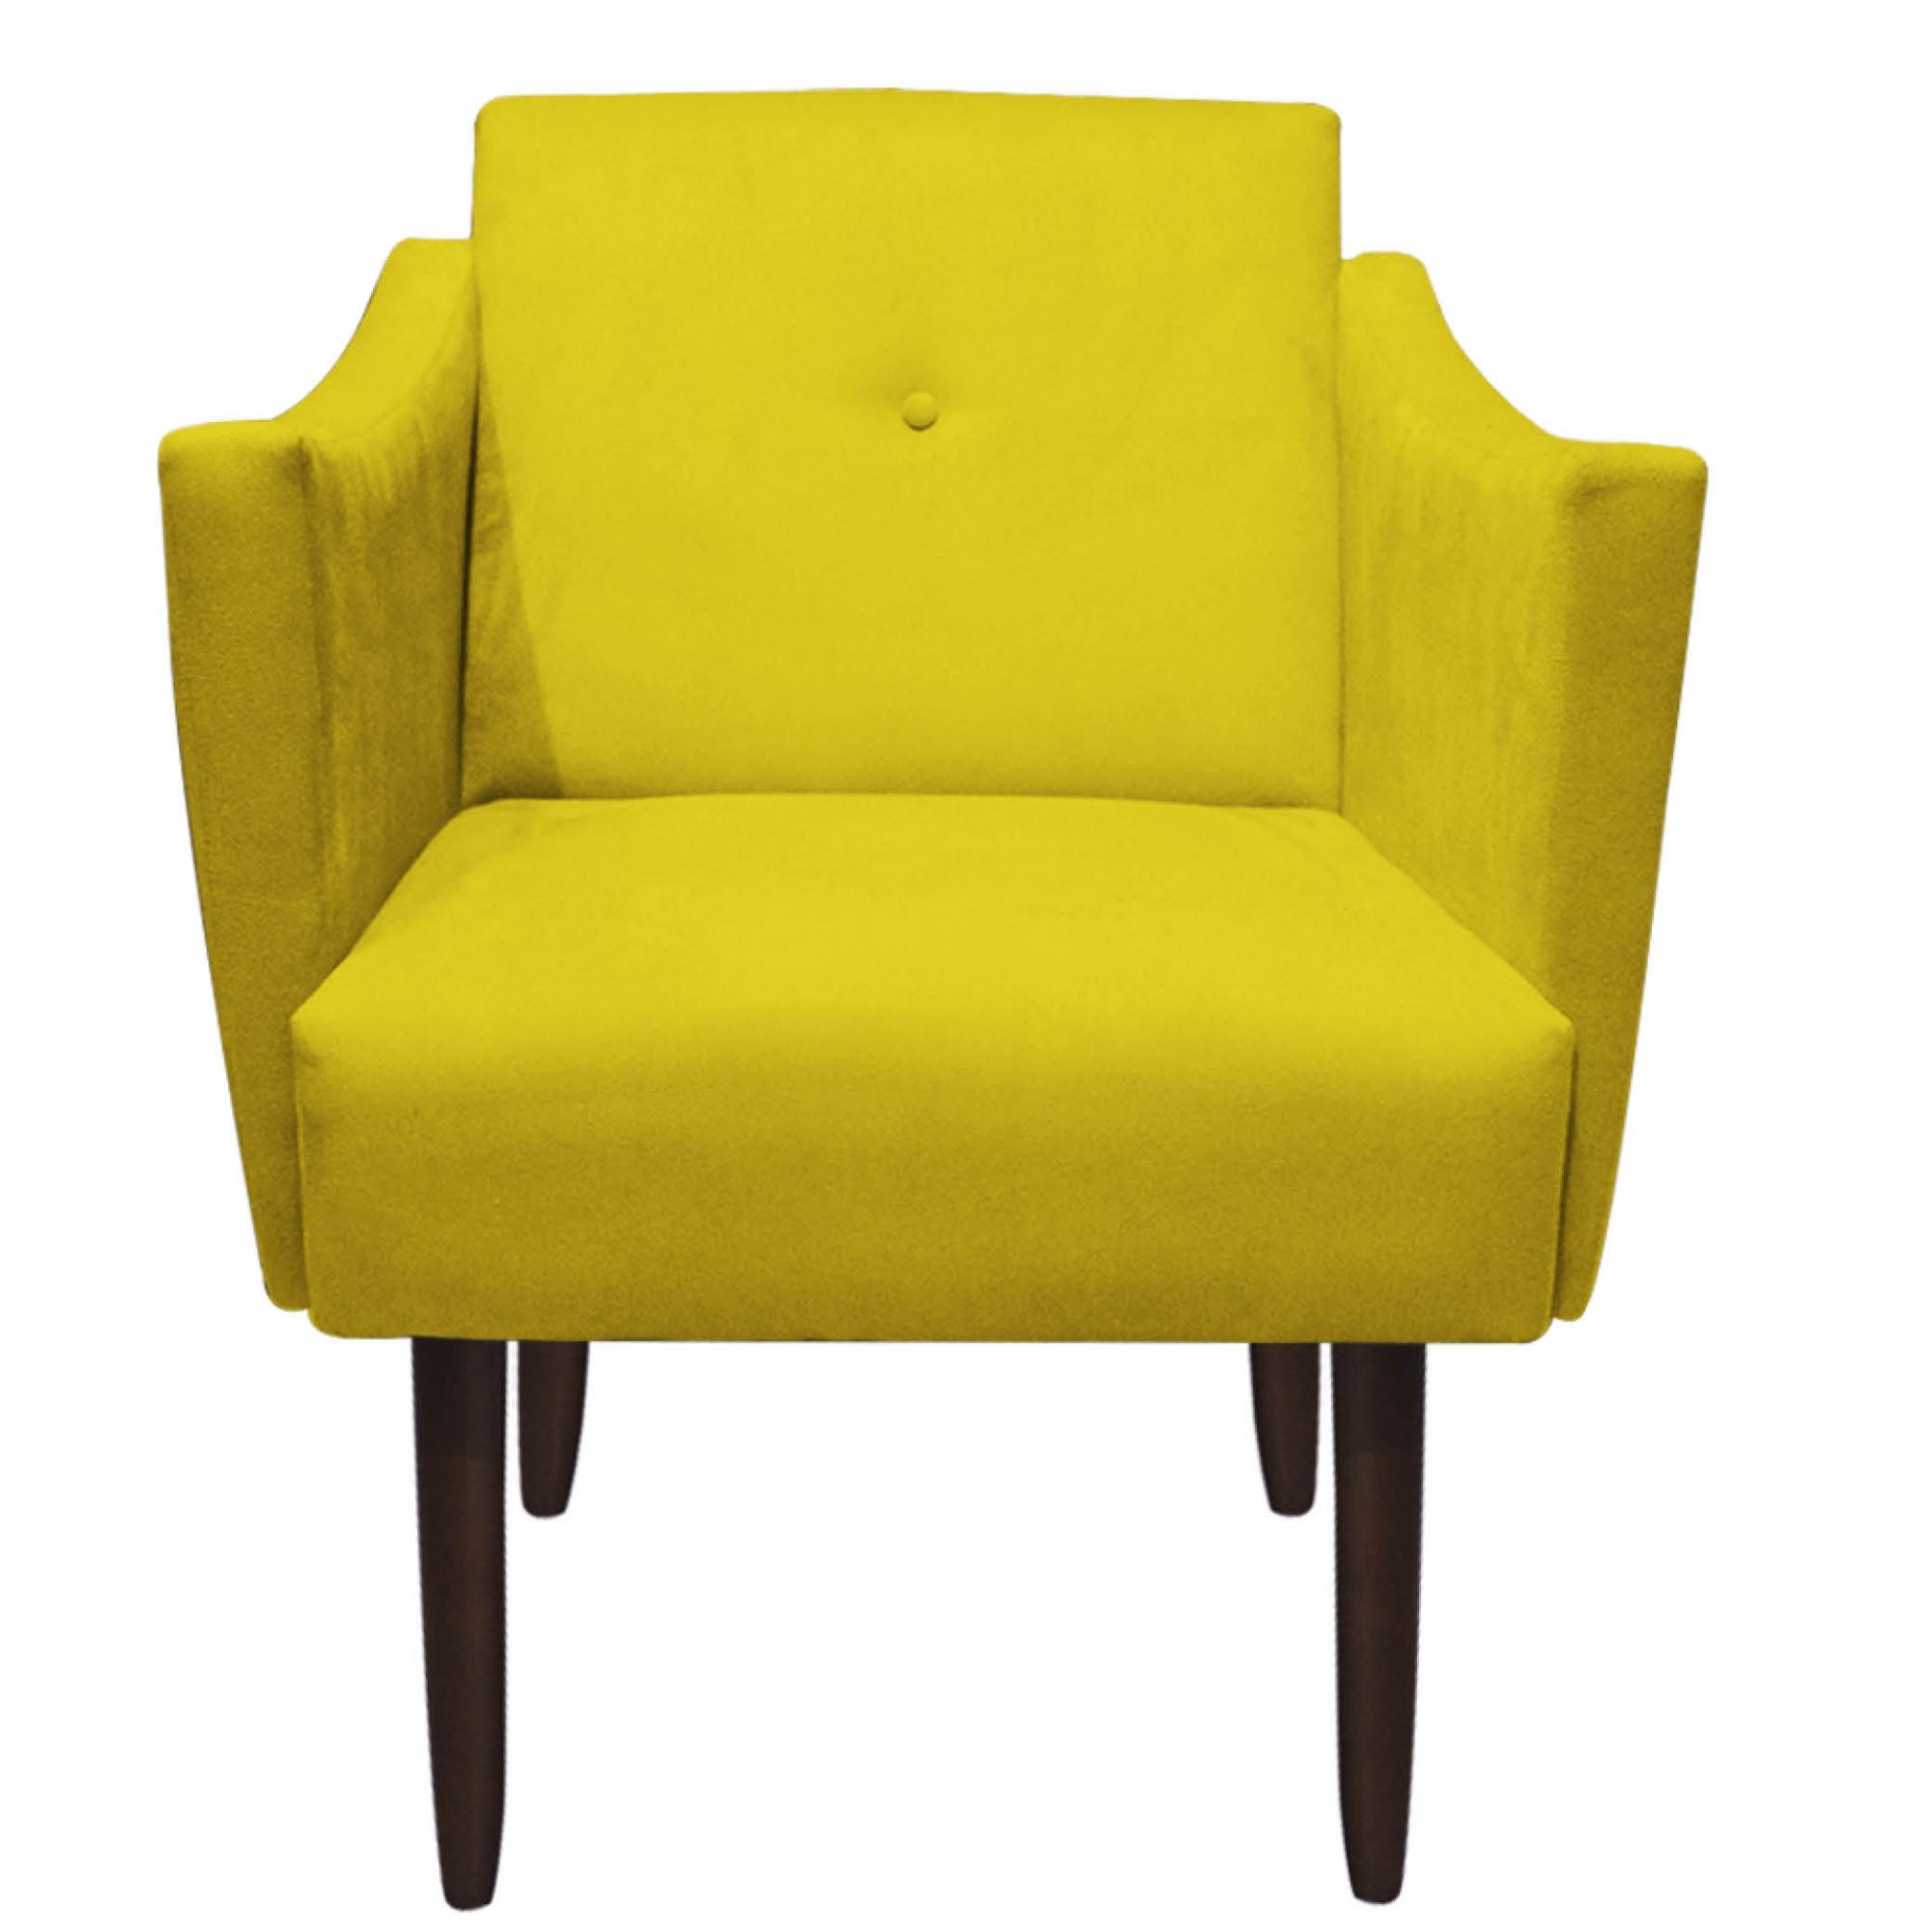 Kit 4 Poltrona Naty Decoração Clínica Salão Cadeira Recepção Escritório Sala Estar  D'Classe Decor Suede Amarelo